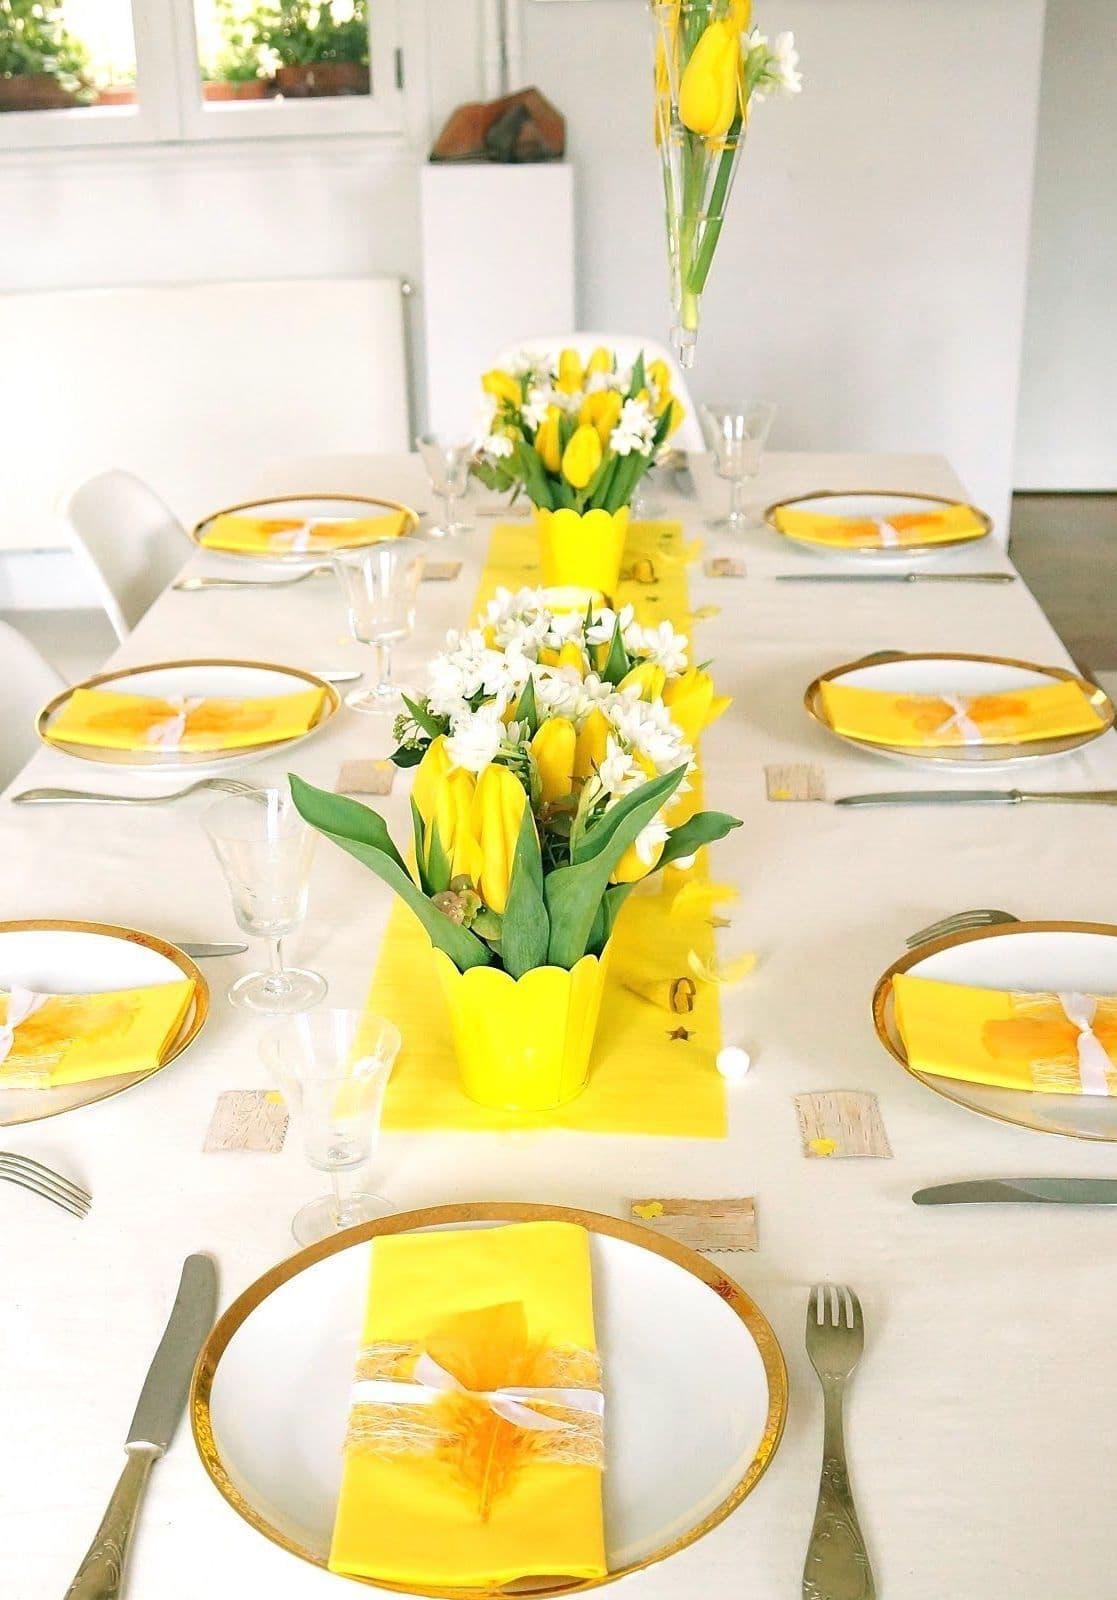 Желтый цвет салфеток и тюльпанов придадут особую атмосферу вашему праздничному столу